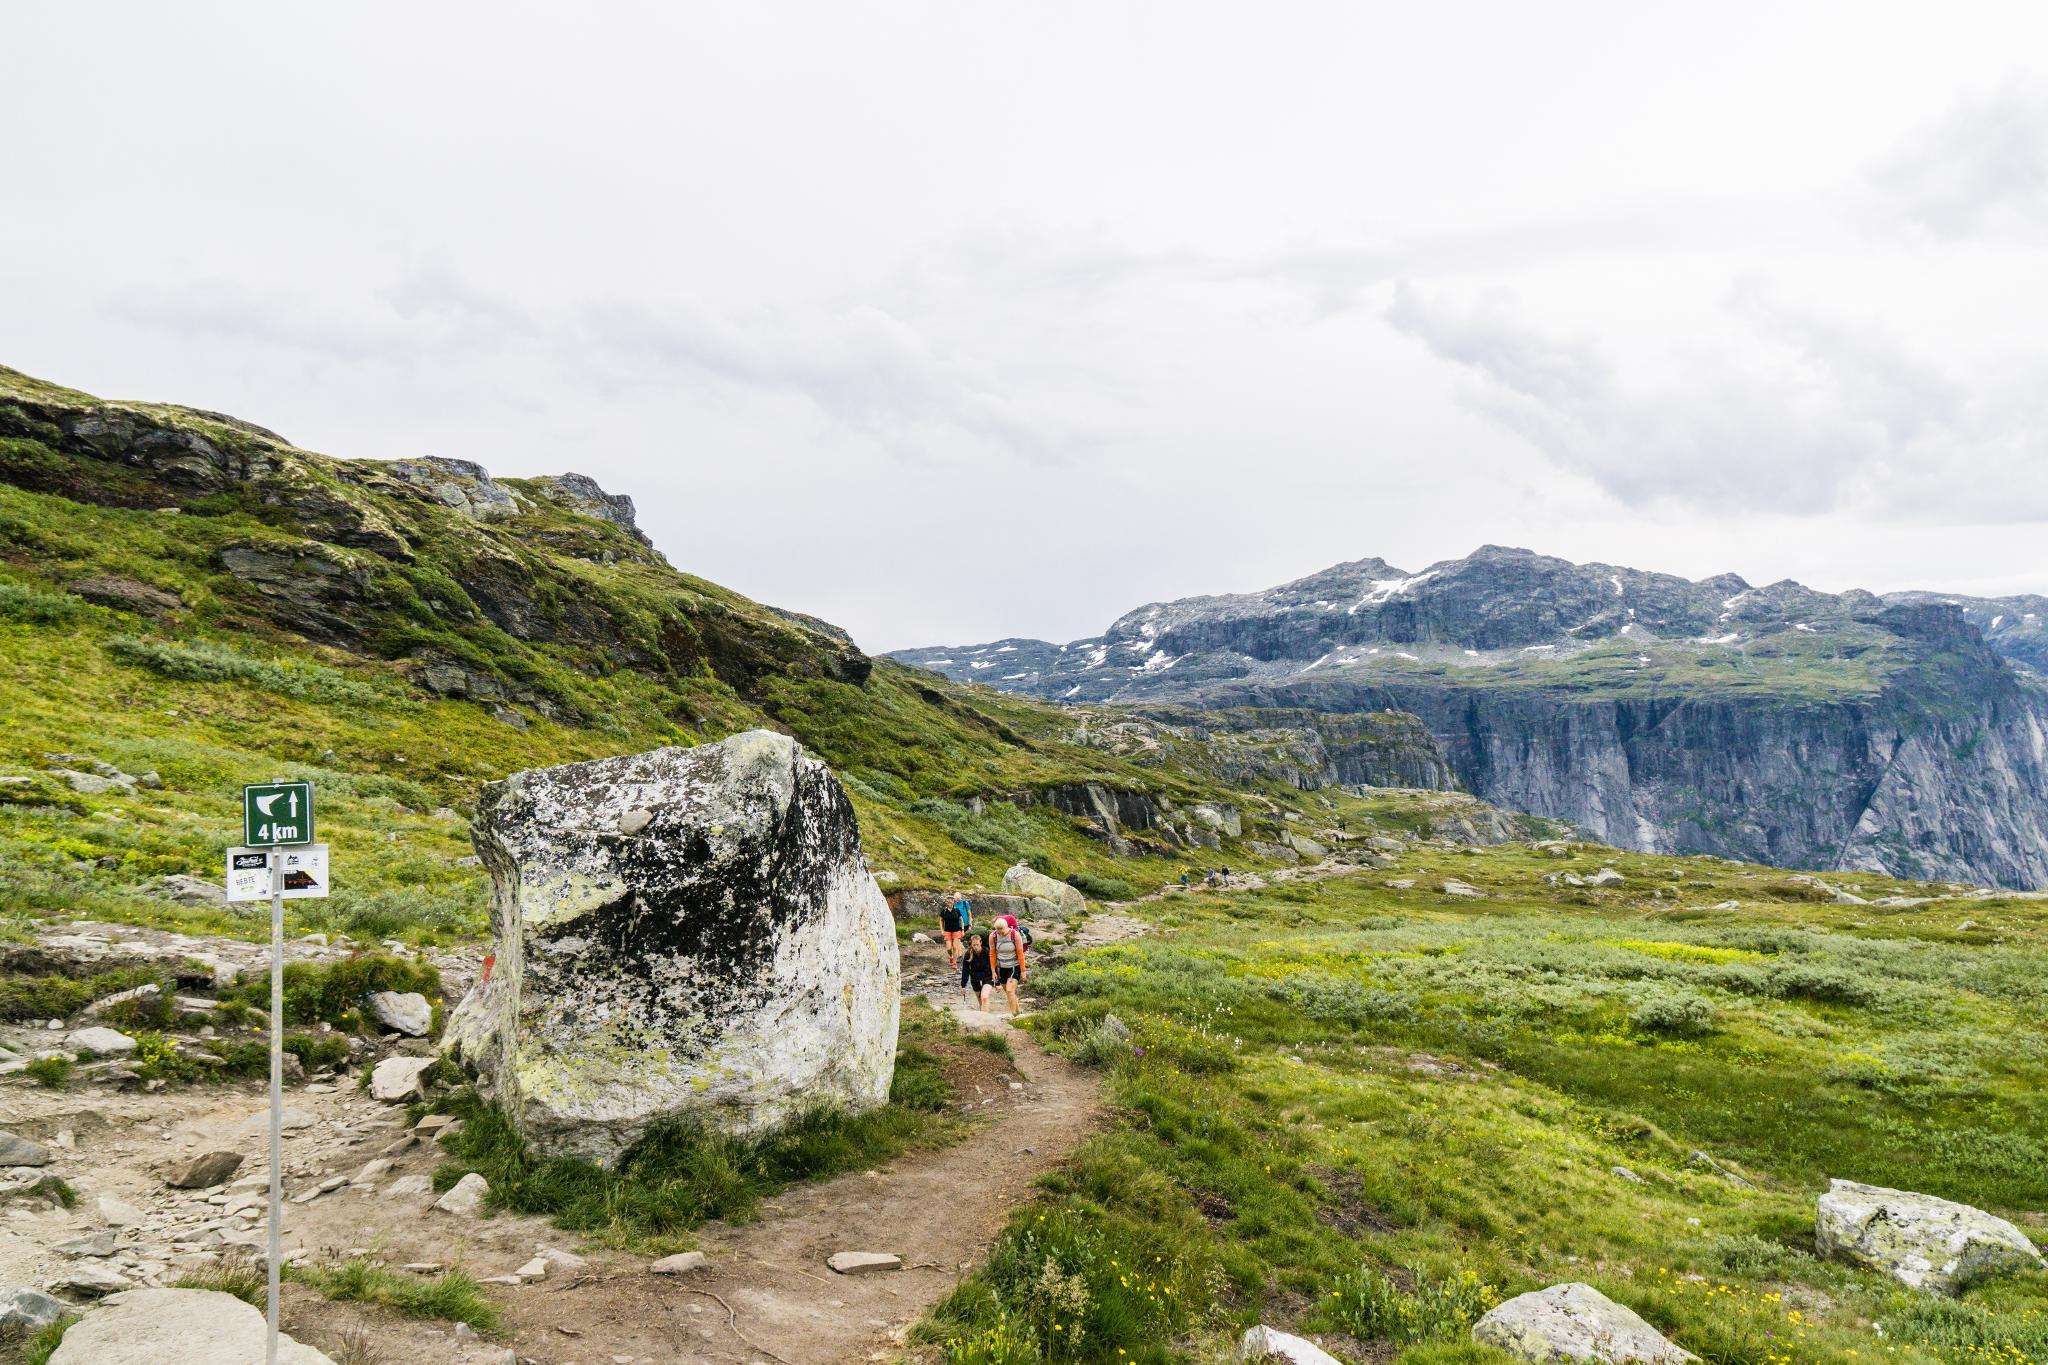 【北歐景點】挪威惡魔之舌 Trolltunga — 28公里健行挑戰全攻略 213